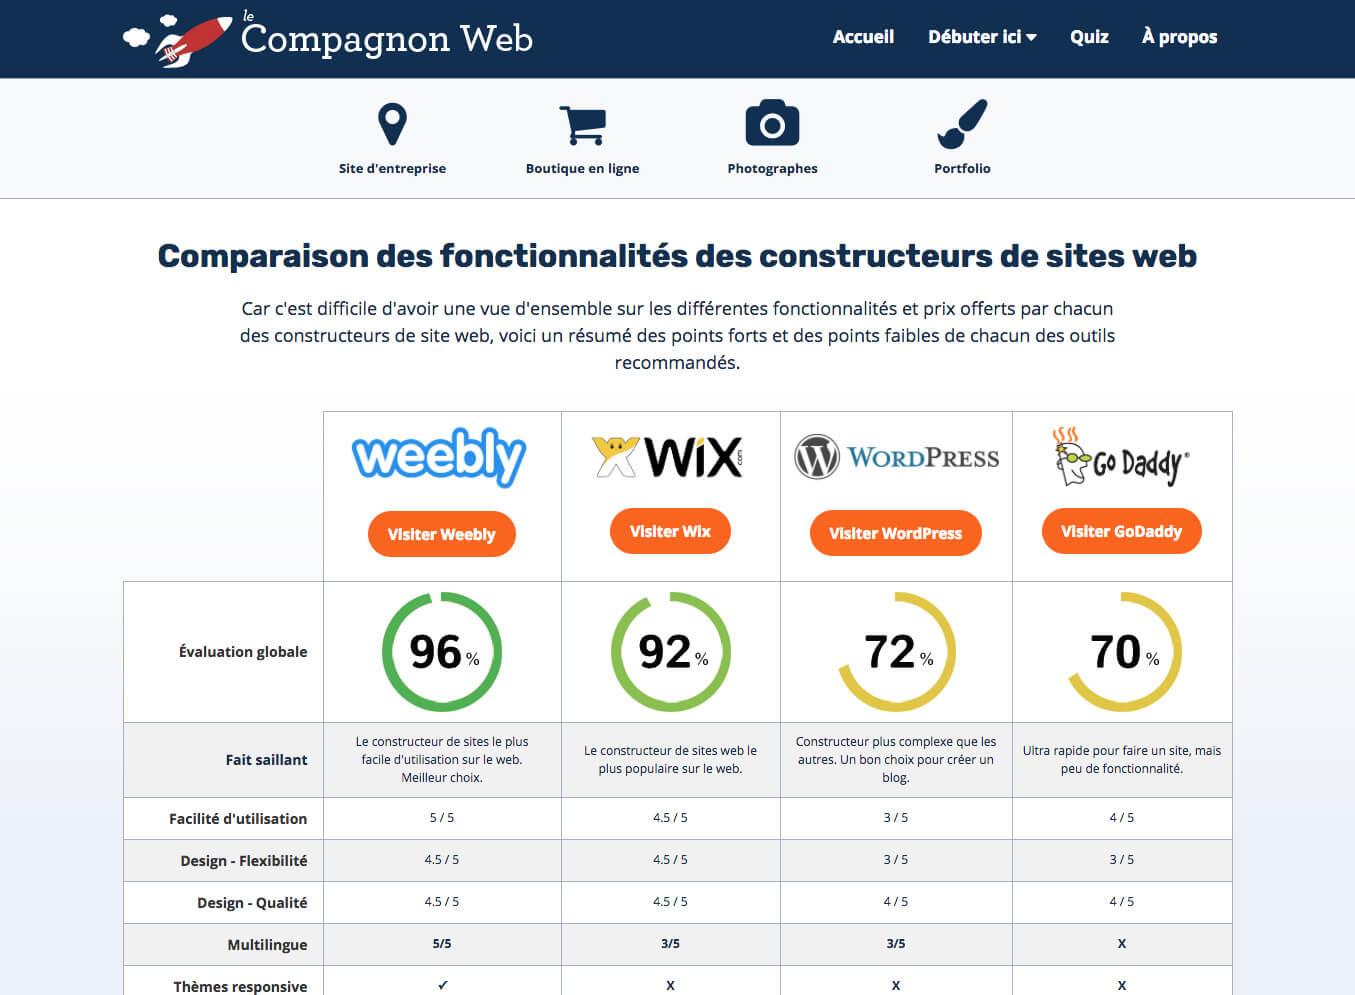 lecompagnonweb-03